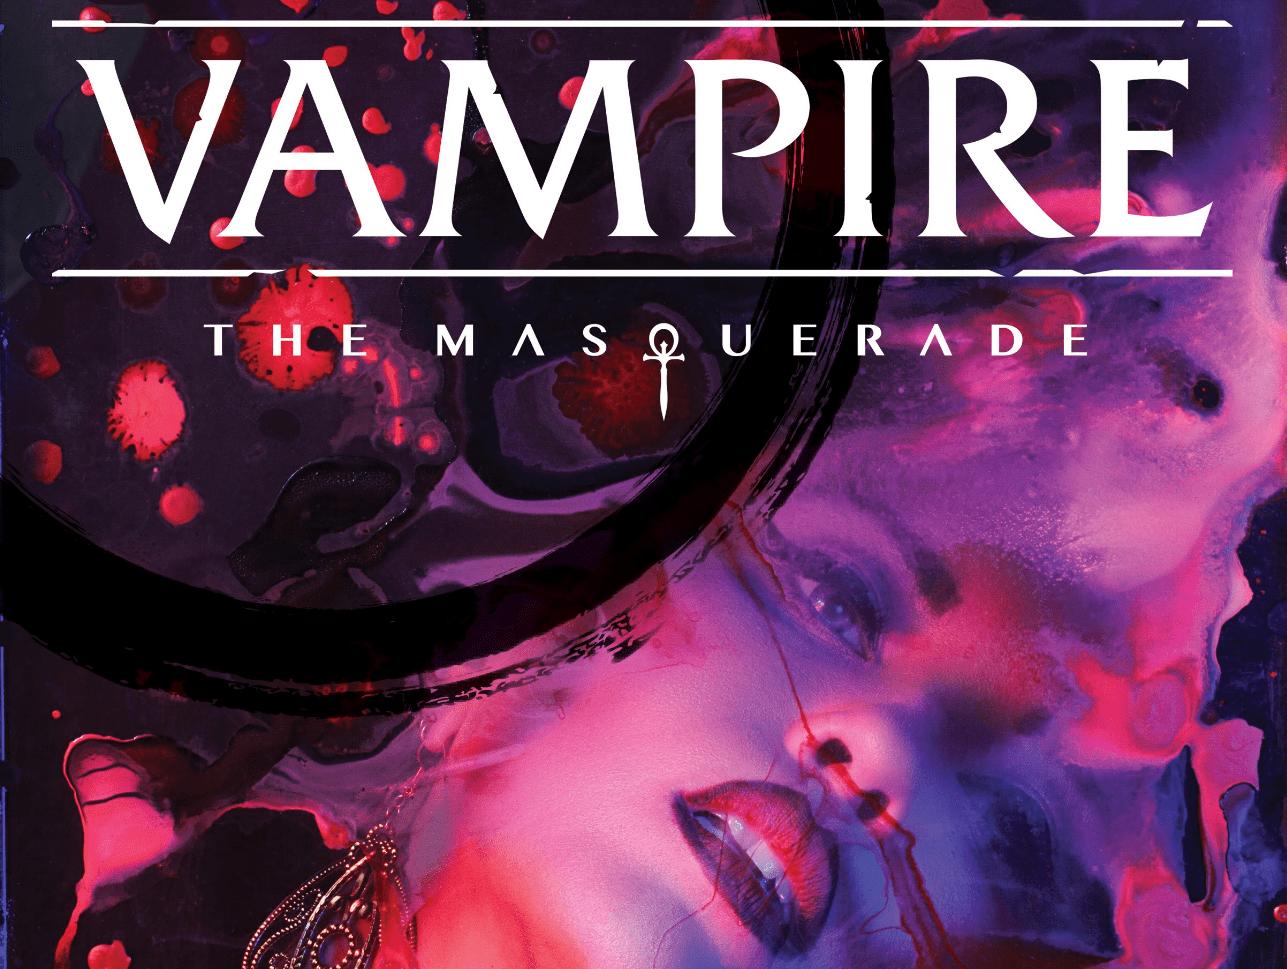 Как разгорались скандалы вокруг новой редакции Vampire: The Masquerade и при чём тут Рамзан Кадыров 5